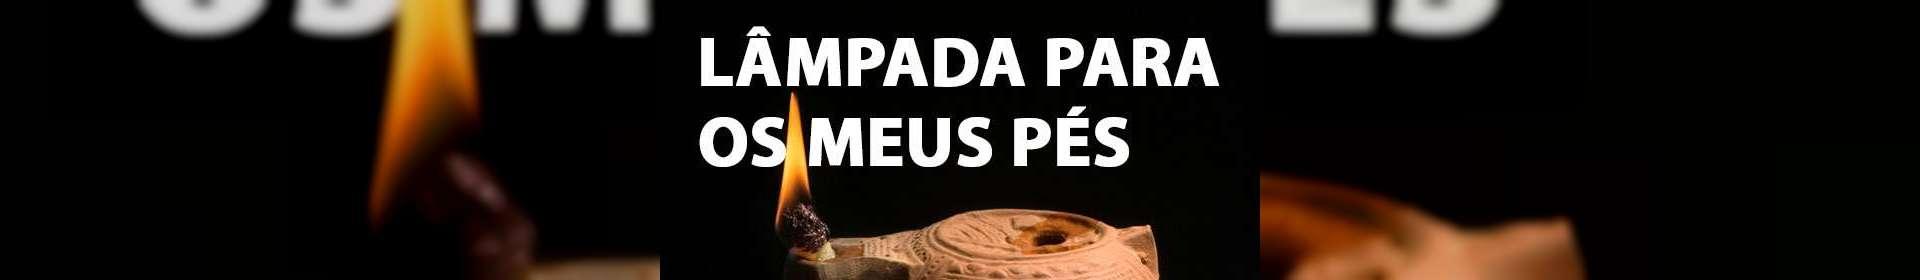 Lâmpada Para os Meus Pés - 25/01/2021